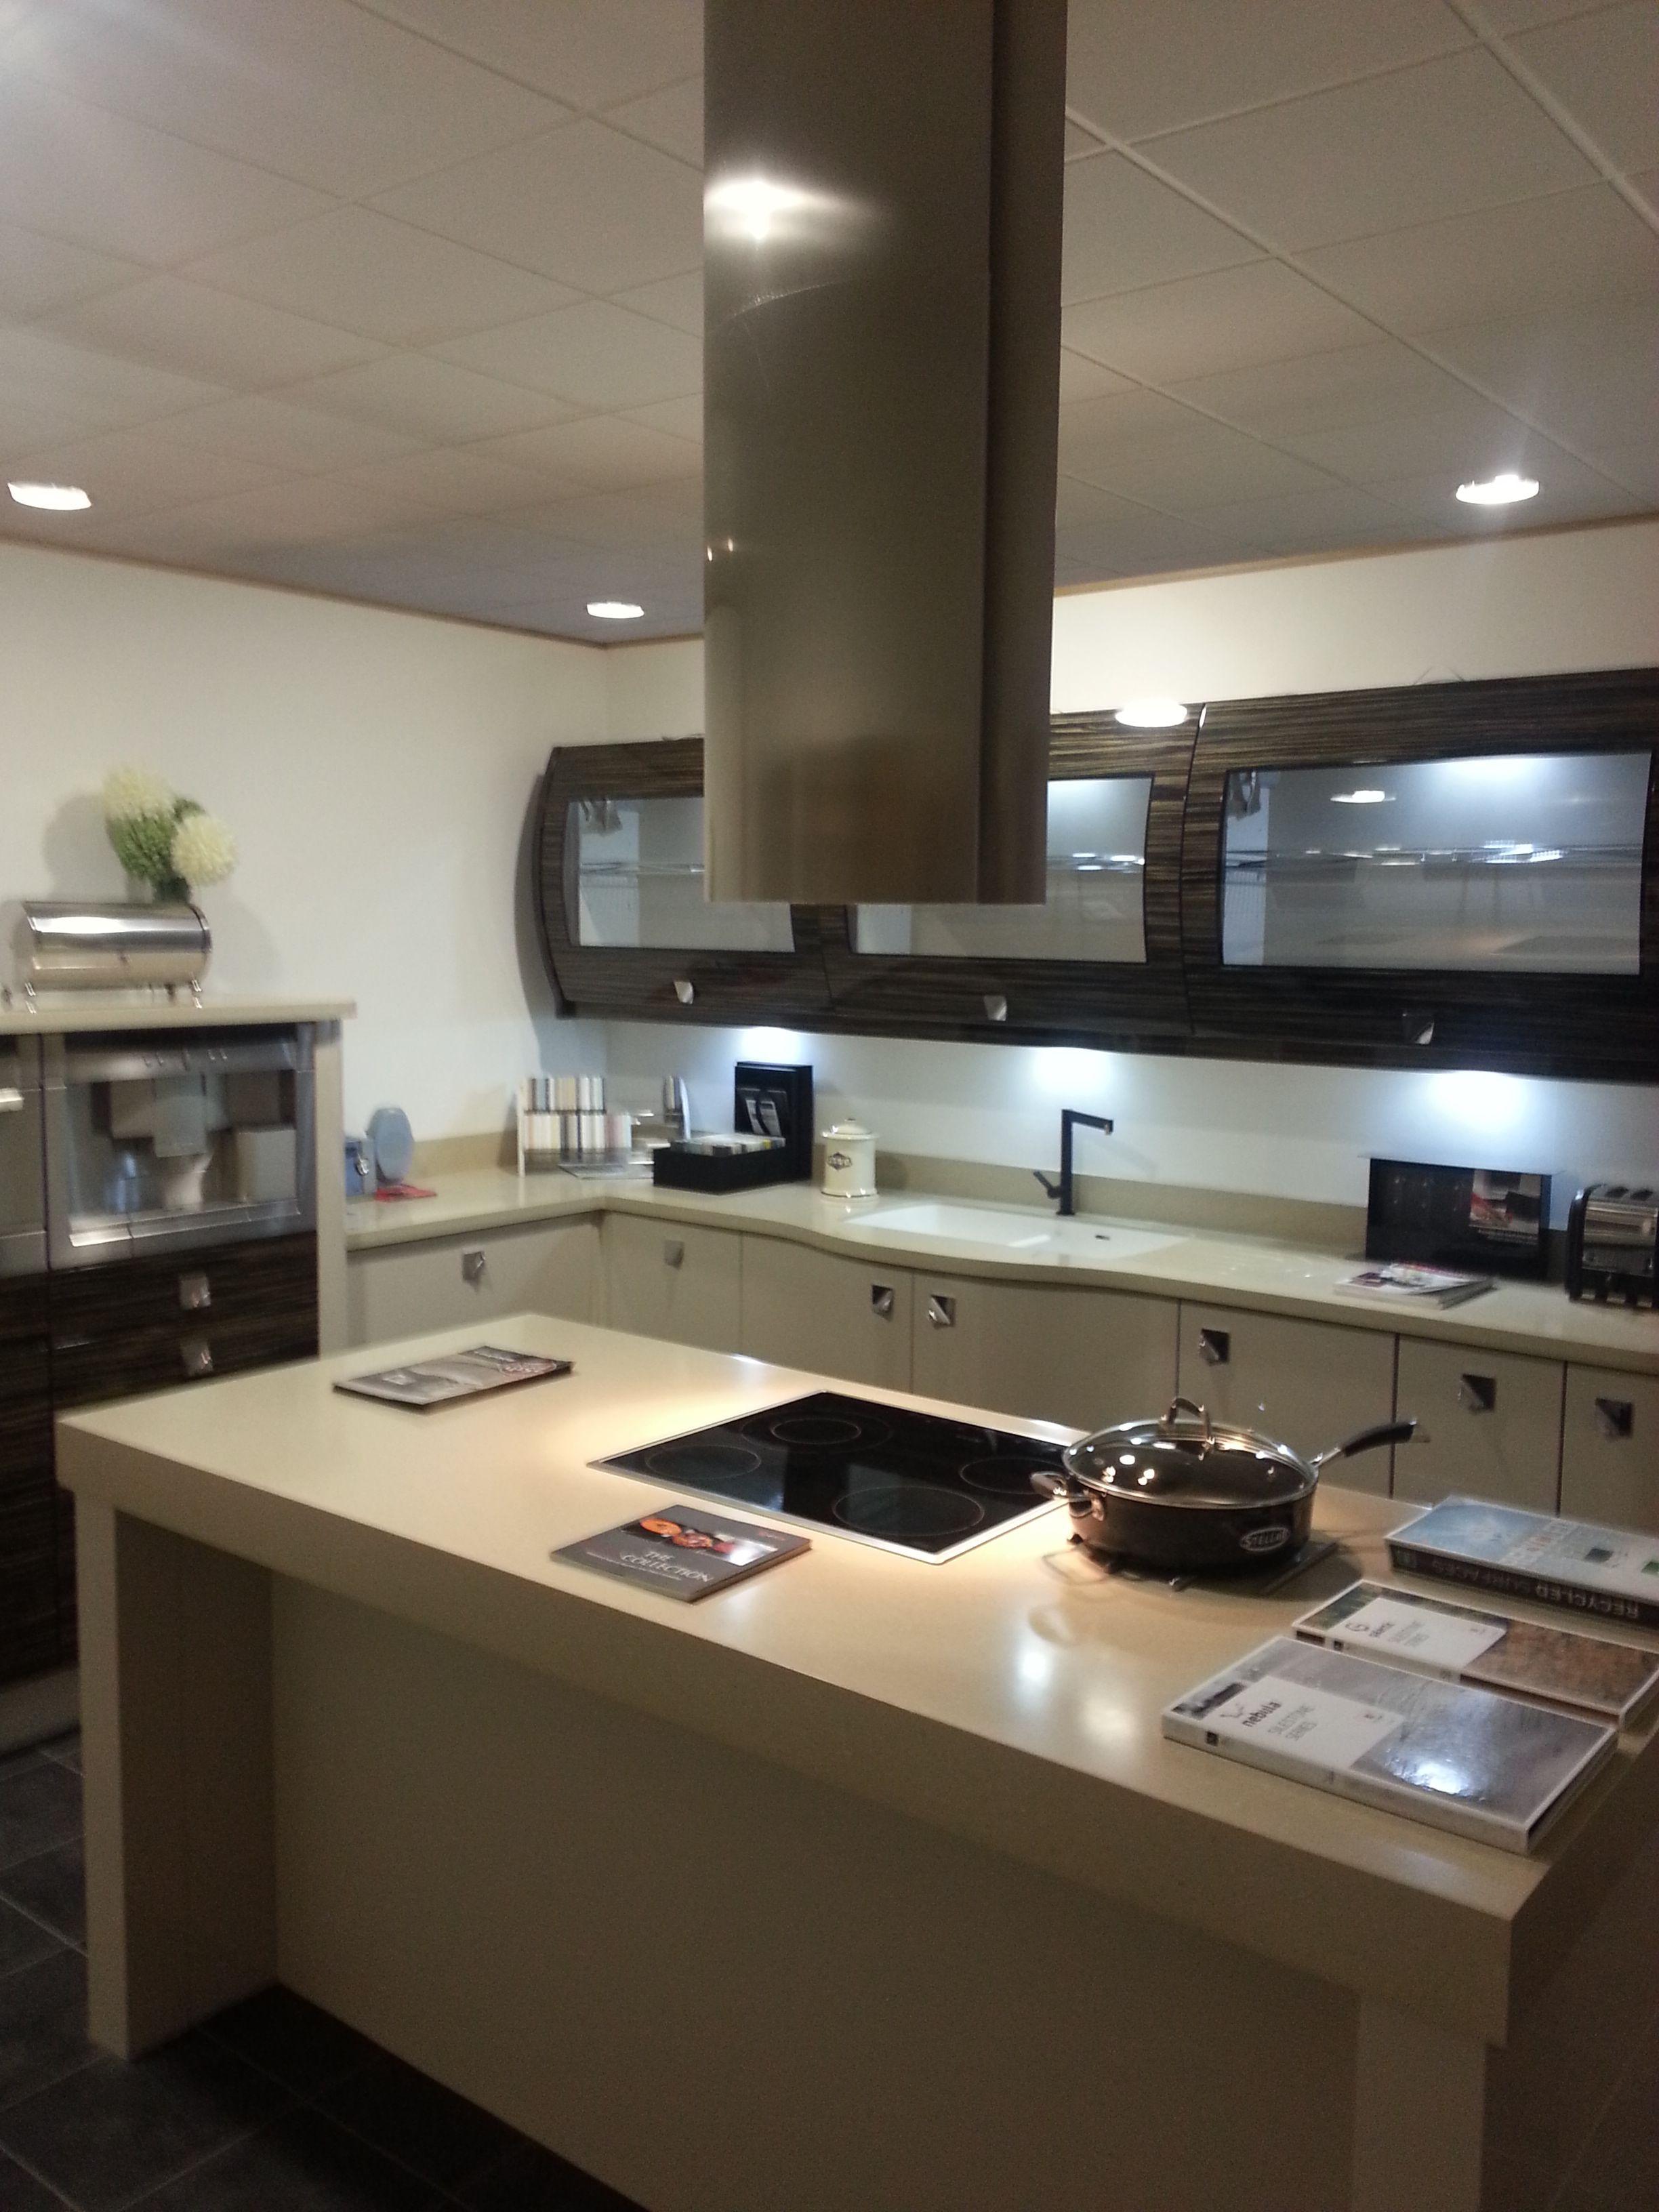 Unique ideas in ex display kitchens Designalls in 2020